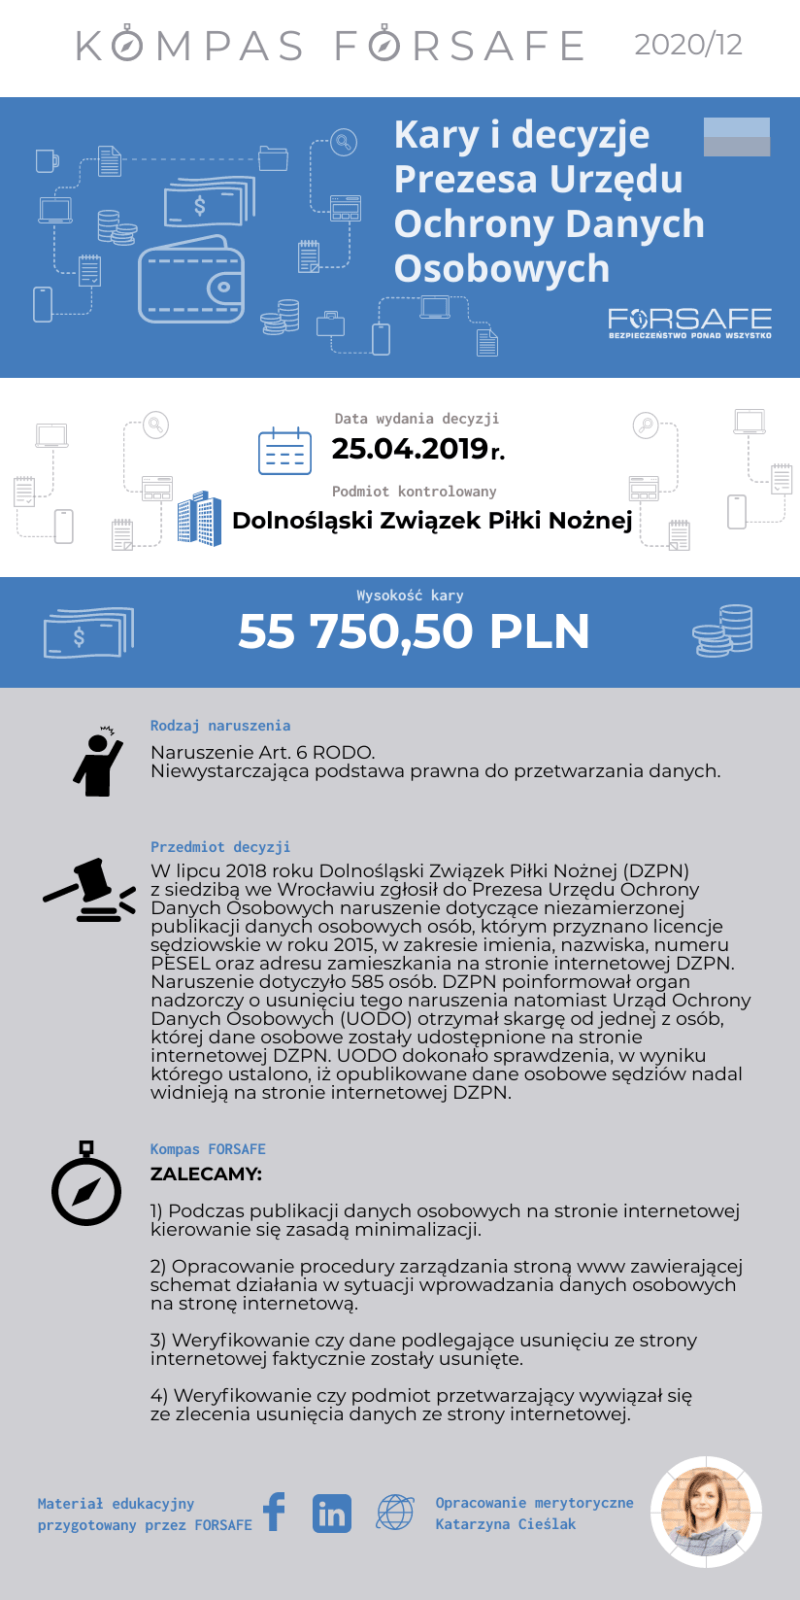 kompas forsafe pl 12 KOMPAS FORSAFE PL 2020/12 - Kara dla DZPN